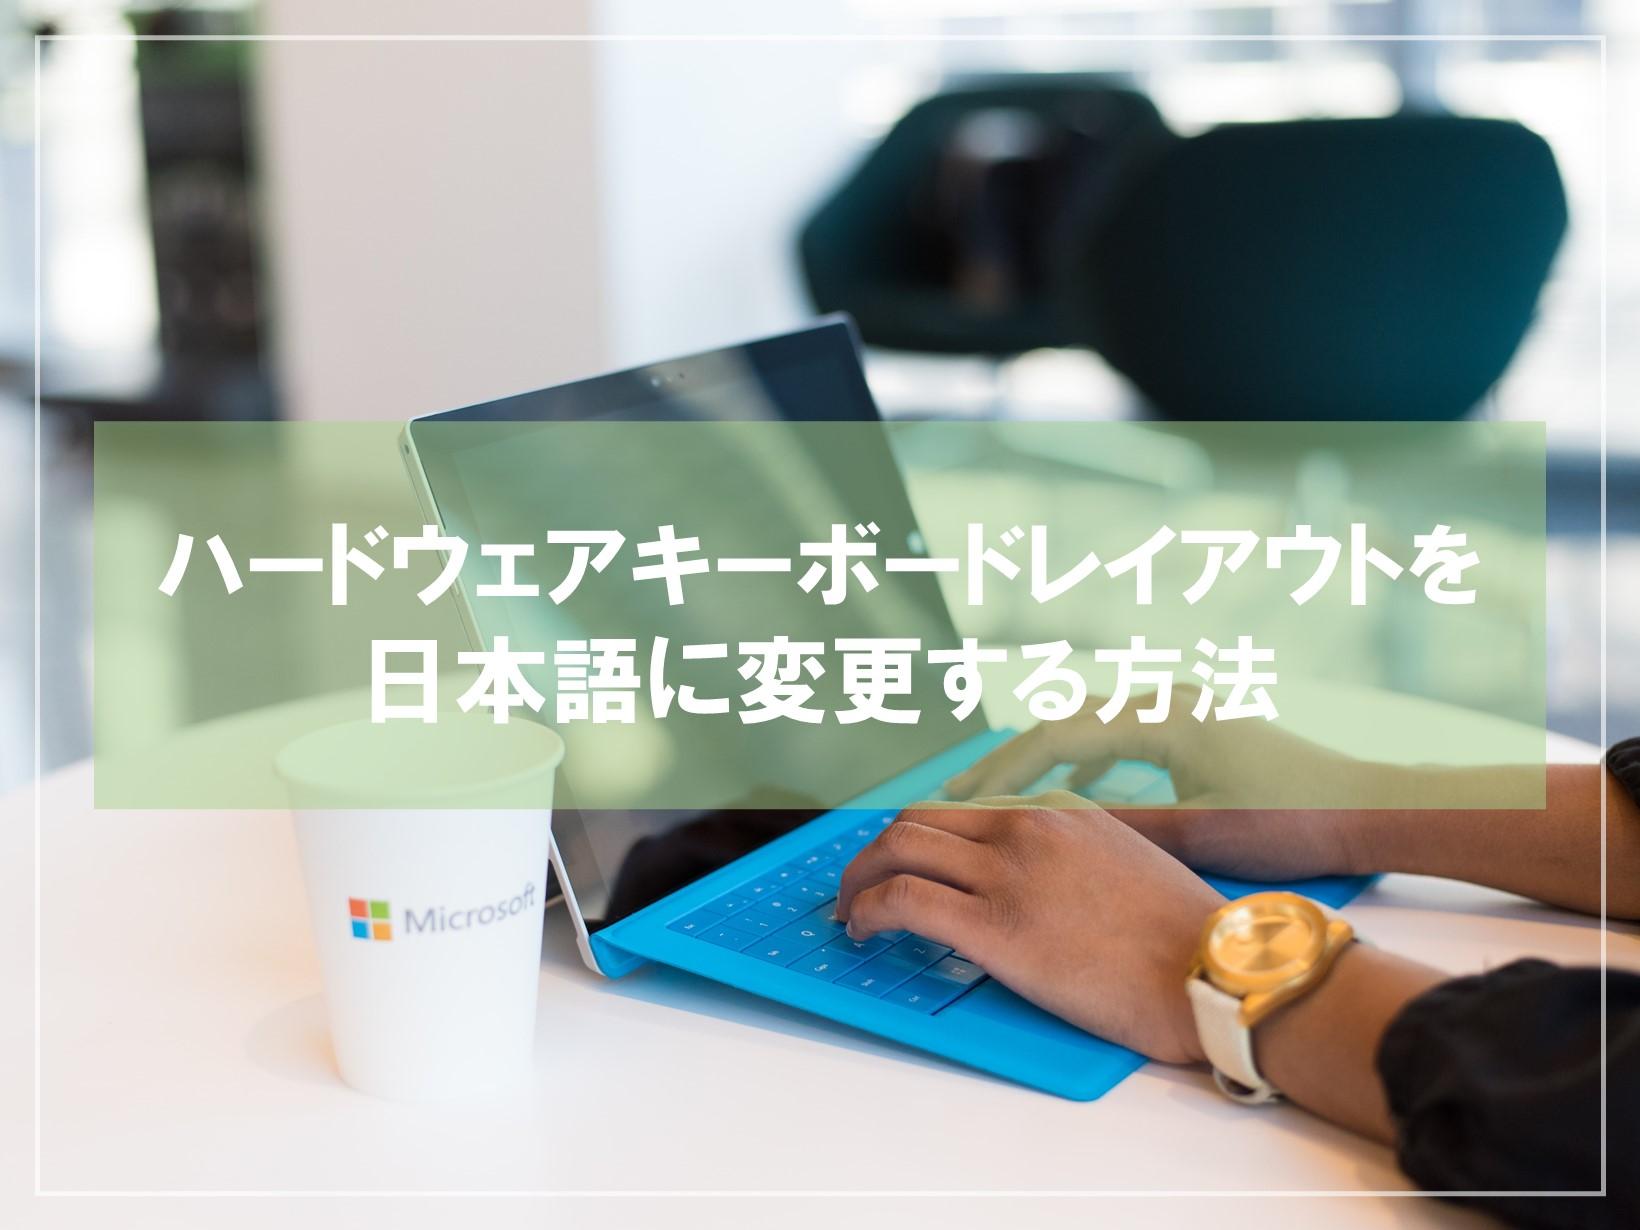 ハードウェアキーボードレイアウトを日本語に変更する方法